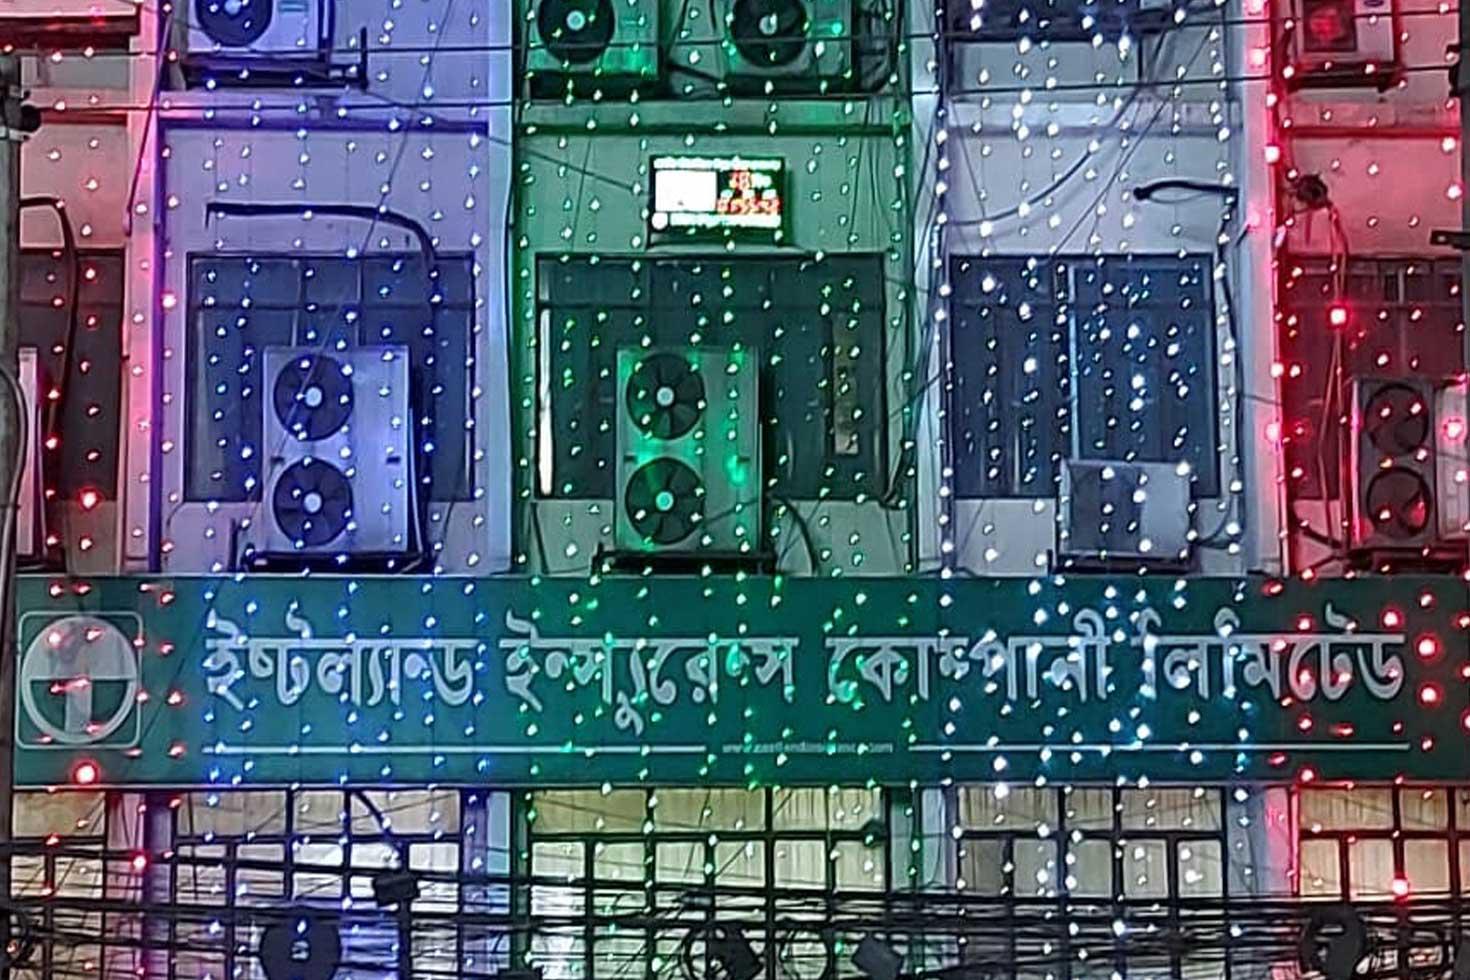 ন্যাশনাল হাউজিং ফাইন্যান্সের ৩০ লাখ শেয়ার বেচে দেবে ইস্টল্যান্ড